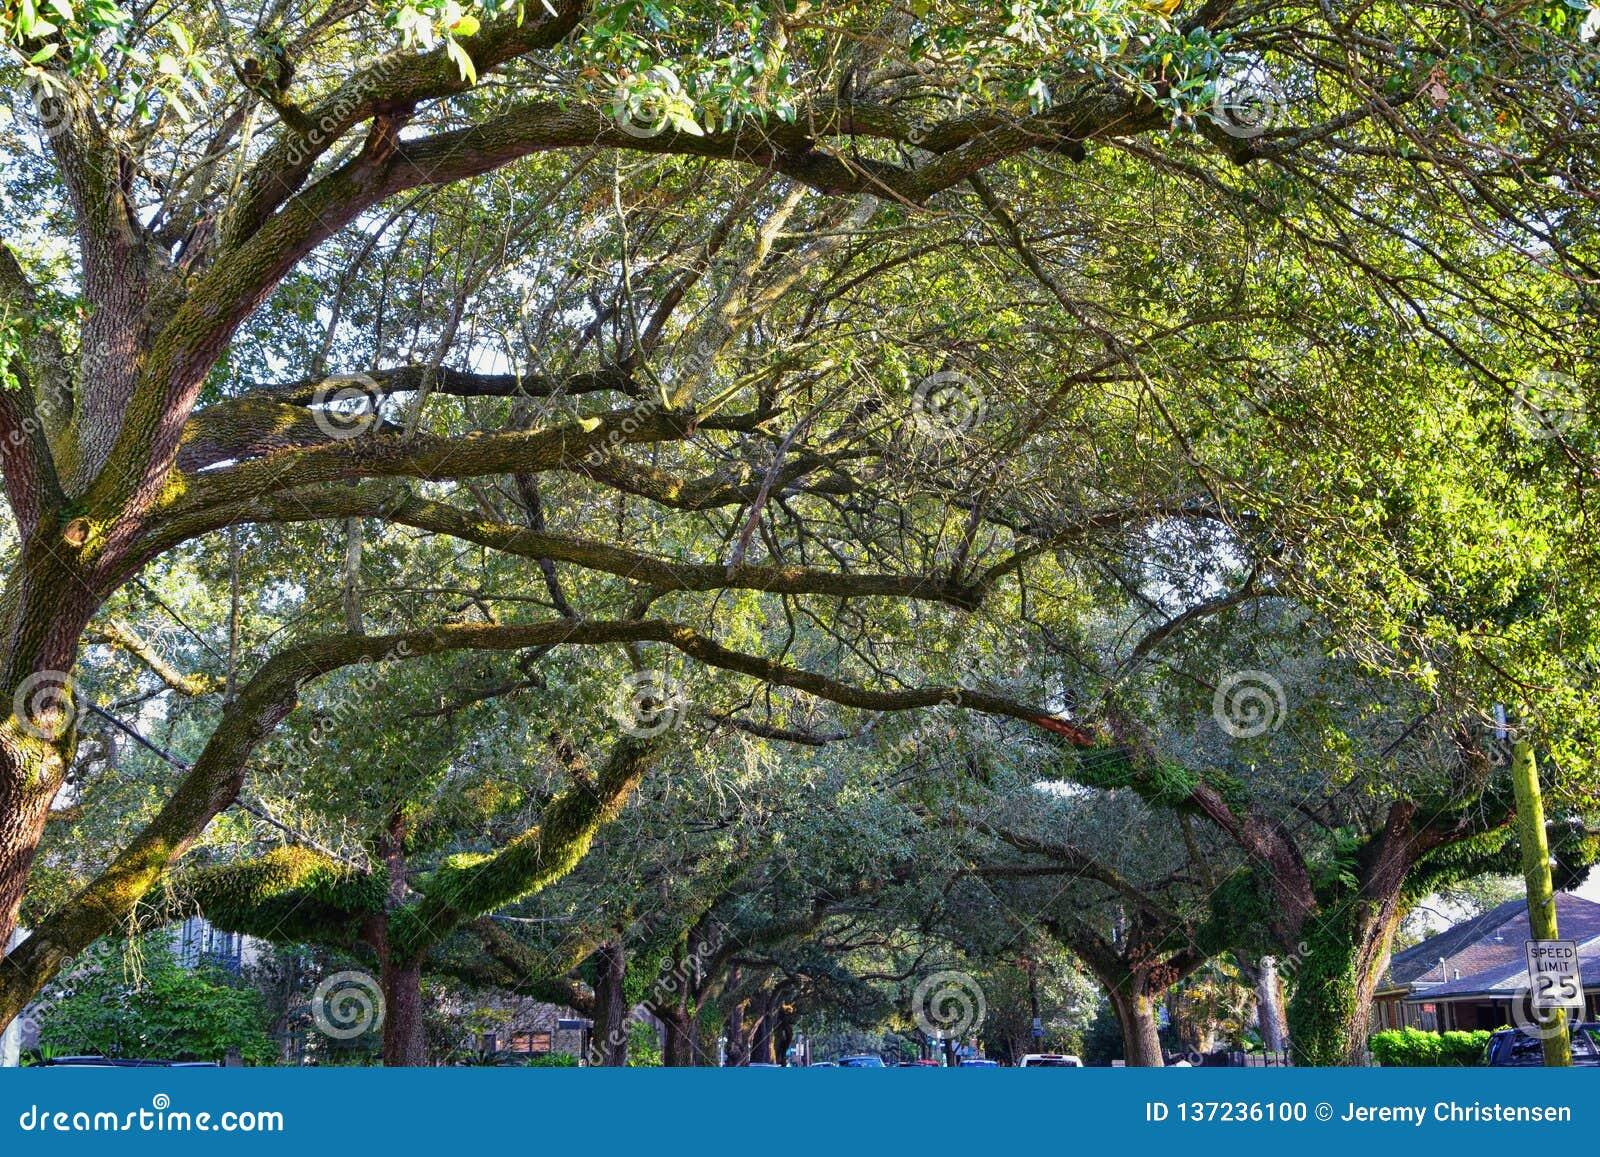 Απόψεις των δέντρων και των μοναδικών πτυχών φύσης που περιβάλλουν τη Νέα Ορλεάνη, συμπεριλαμβανομένης της απεικόνισης των λιμνών